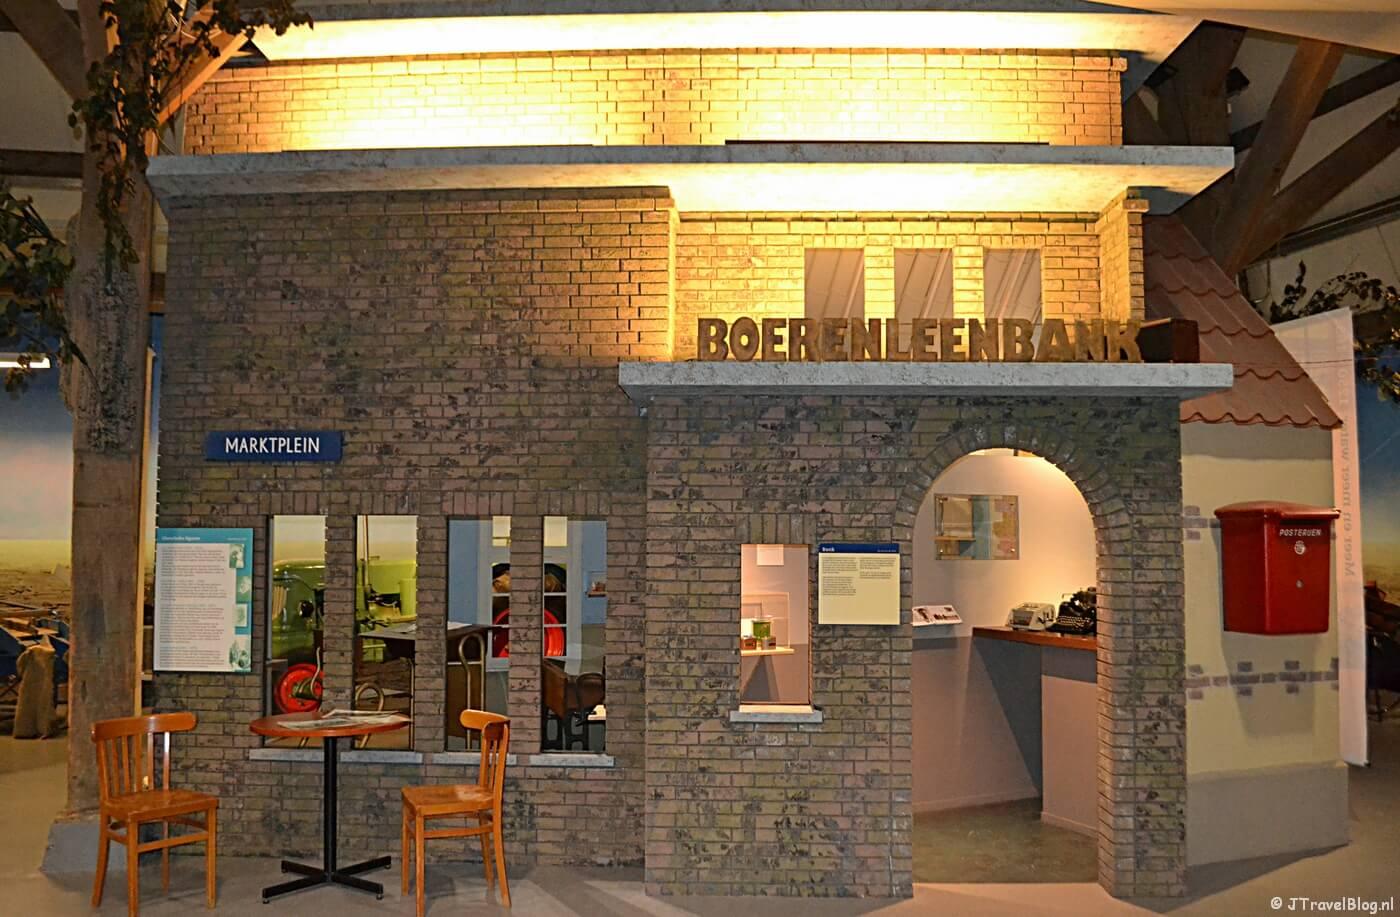 De bank in de Haarlemmermeer in het Historisch Museum Haarlemmermeer in Hoofddorp